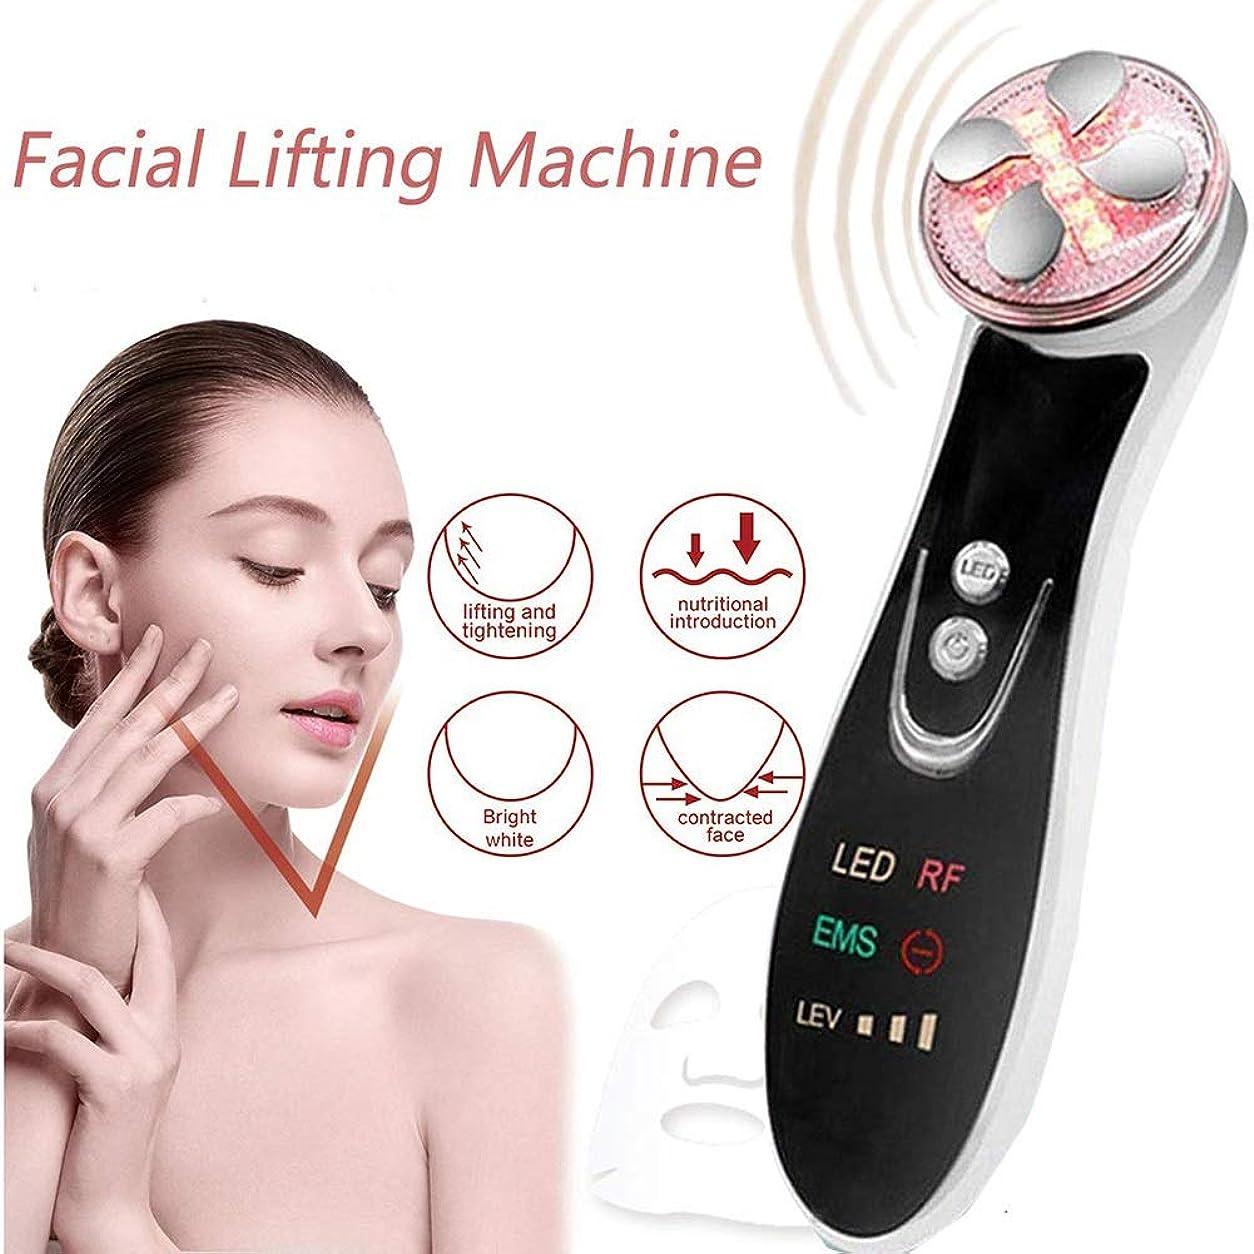 ハブ起こる女優機械、1つのRF EMS LEDライト療法のしわを取除く顔の持ち上がるボディ形削り盤機械をきつく締める表面皮は反老化のアクネの美装置を取除きます